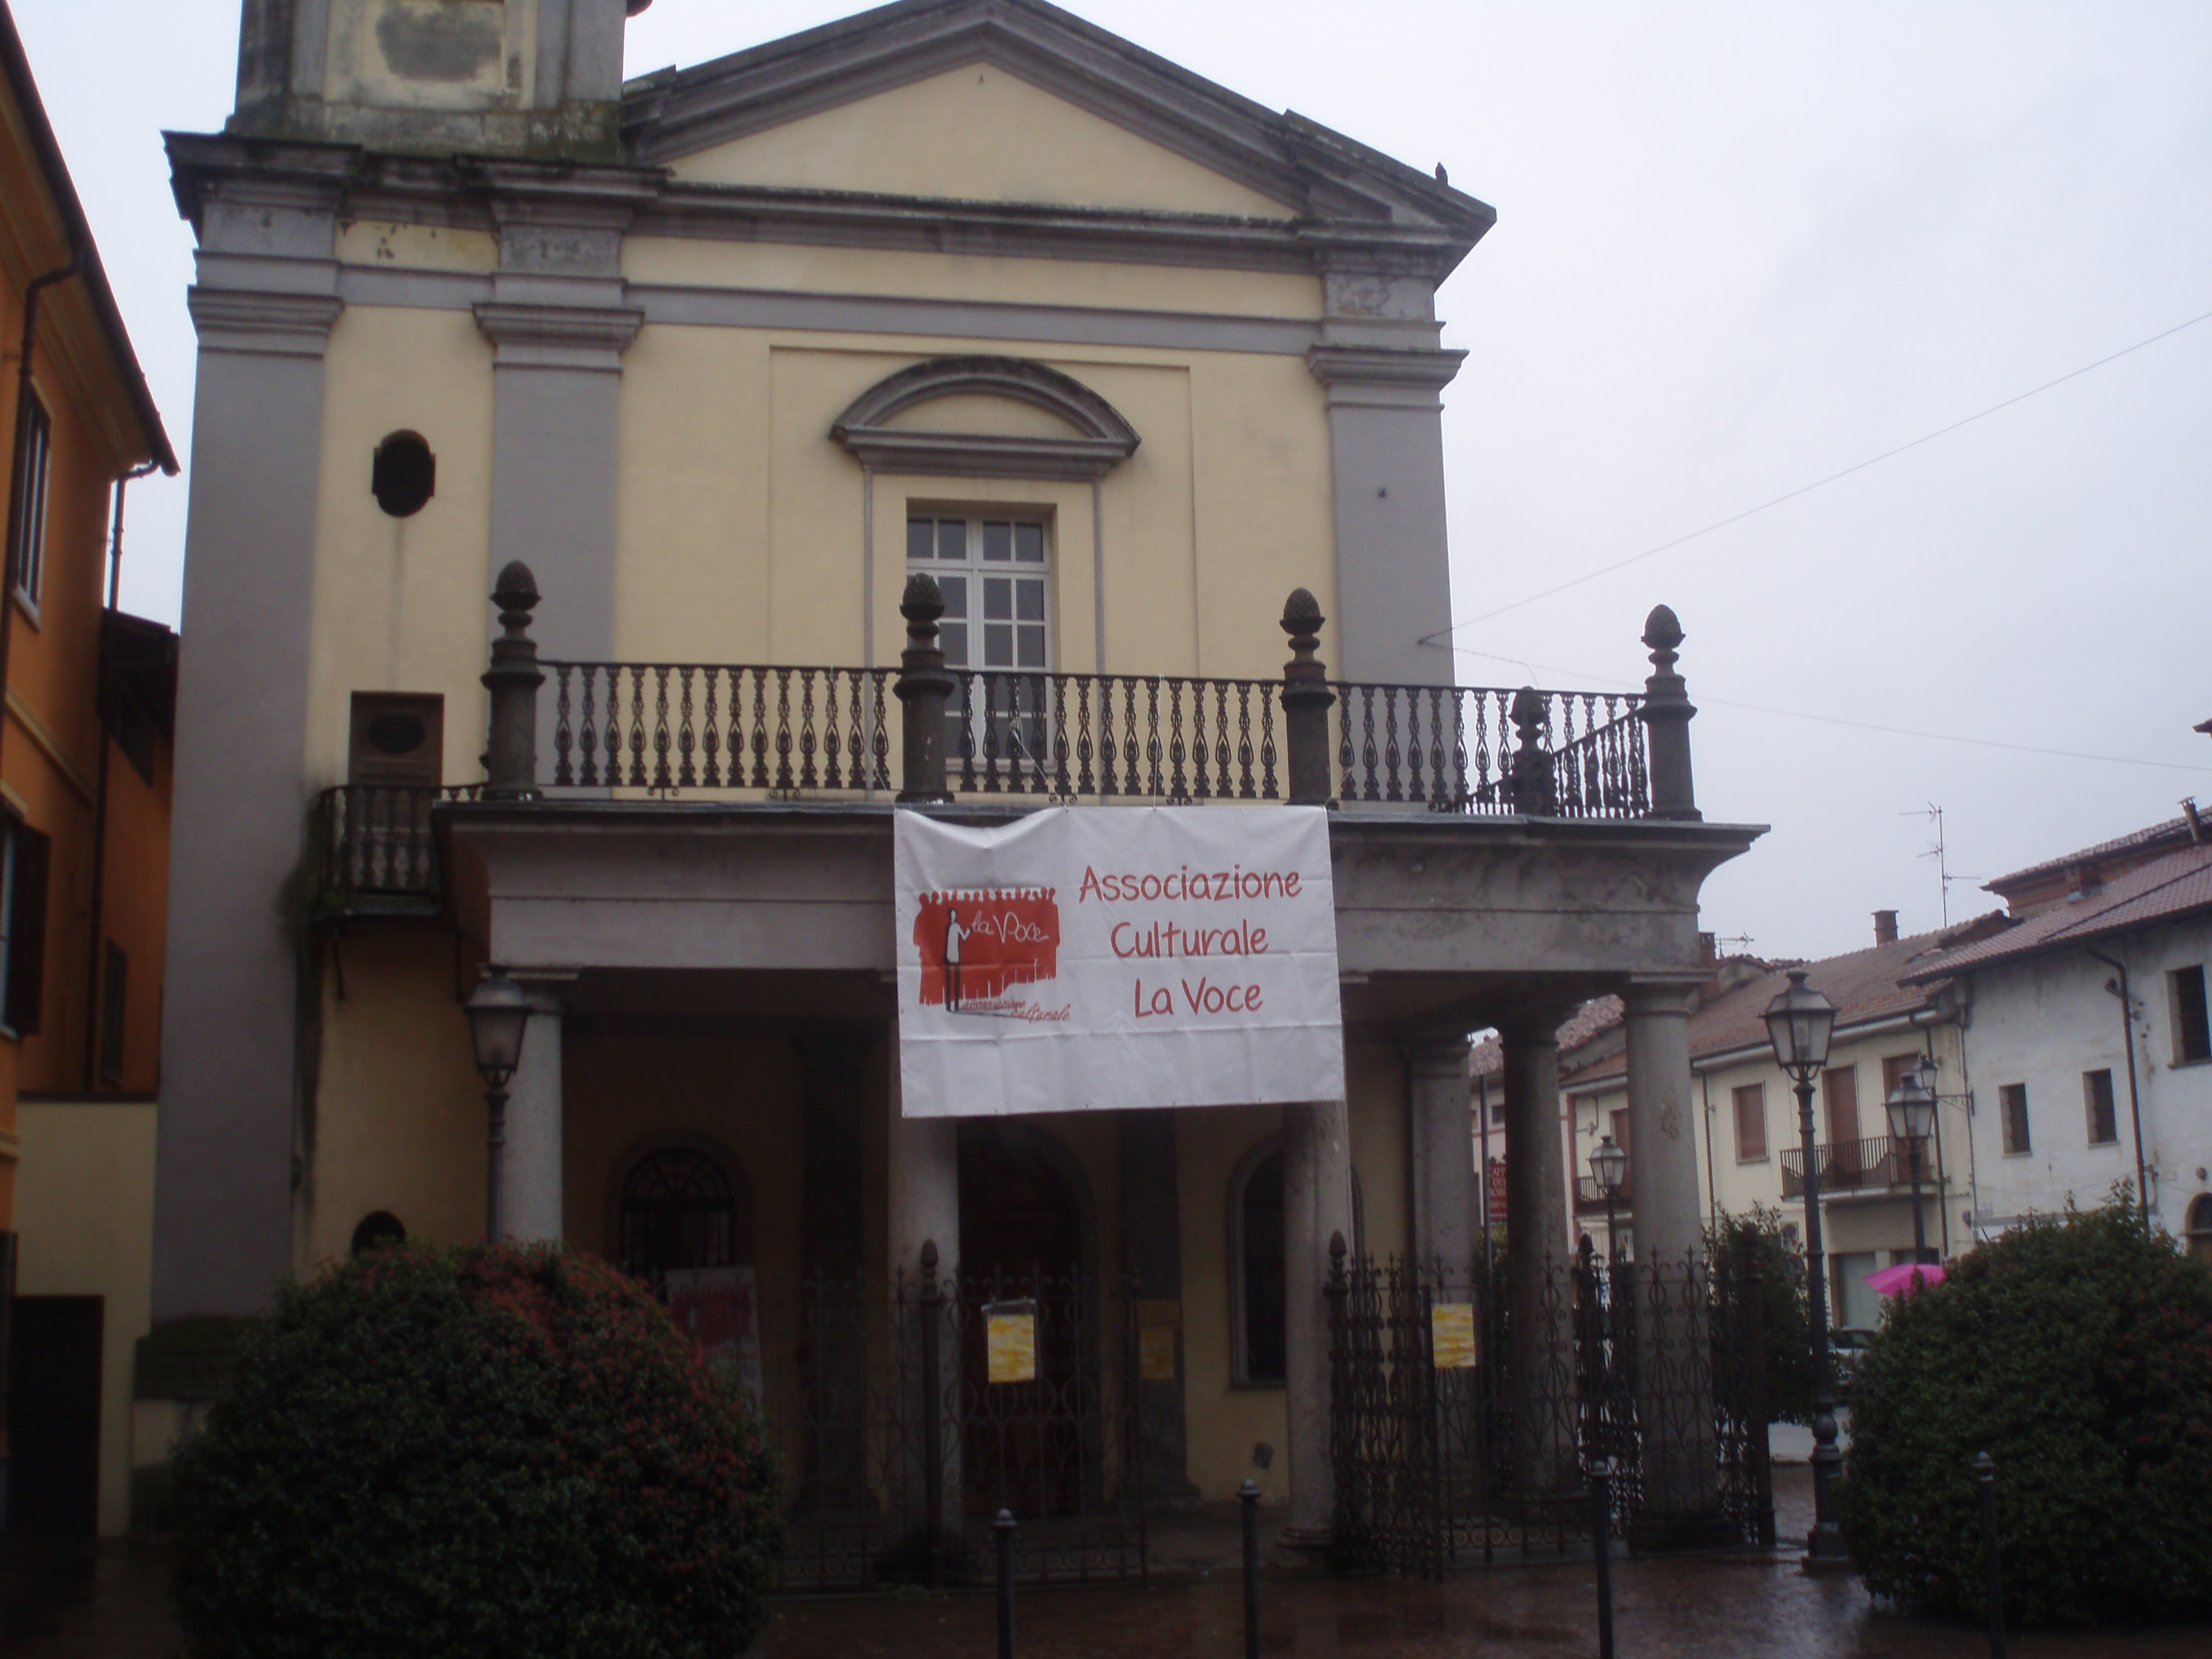 l'ex chiesa di San Francesco, ora auditorium, che ha ospitato la Rassegna, su concessione della Fondazione Mons. Luigi Bongianino.